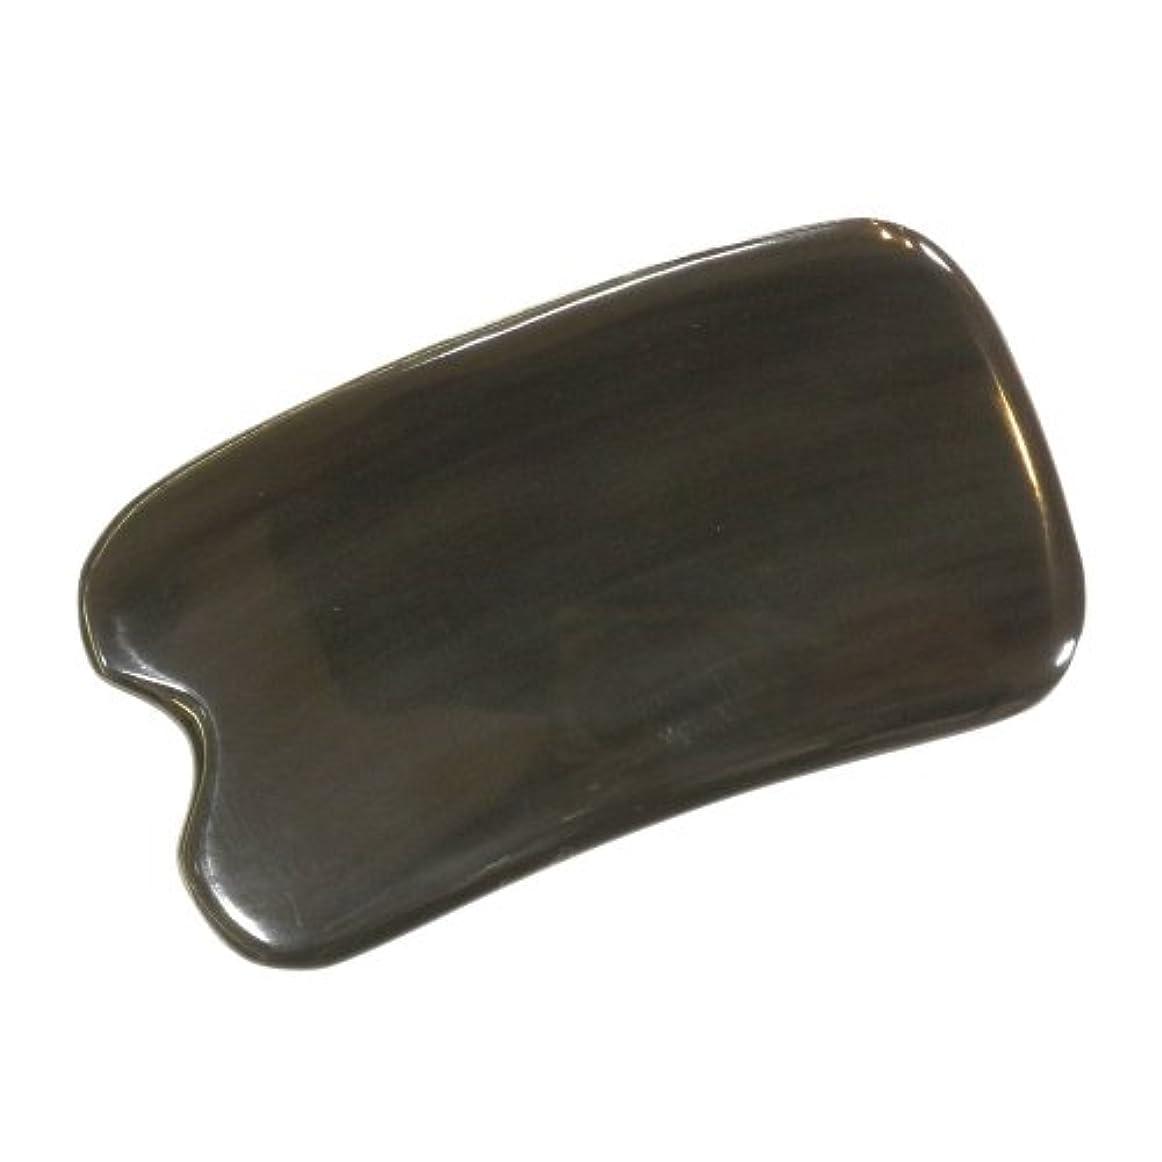 不変したがって自発的かっさ プレート 厚さが選べる ヤクの角(水牛の角) EHE273SP 黒四角凹 特級品 少し厚め(6ミリ程度) 大きめ穴無